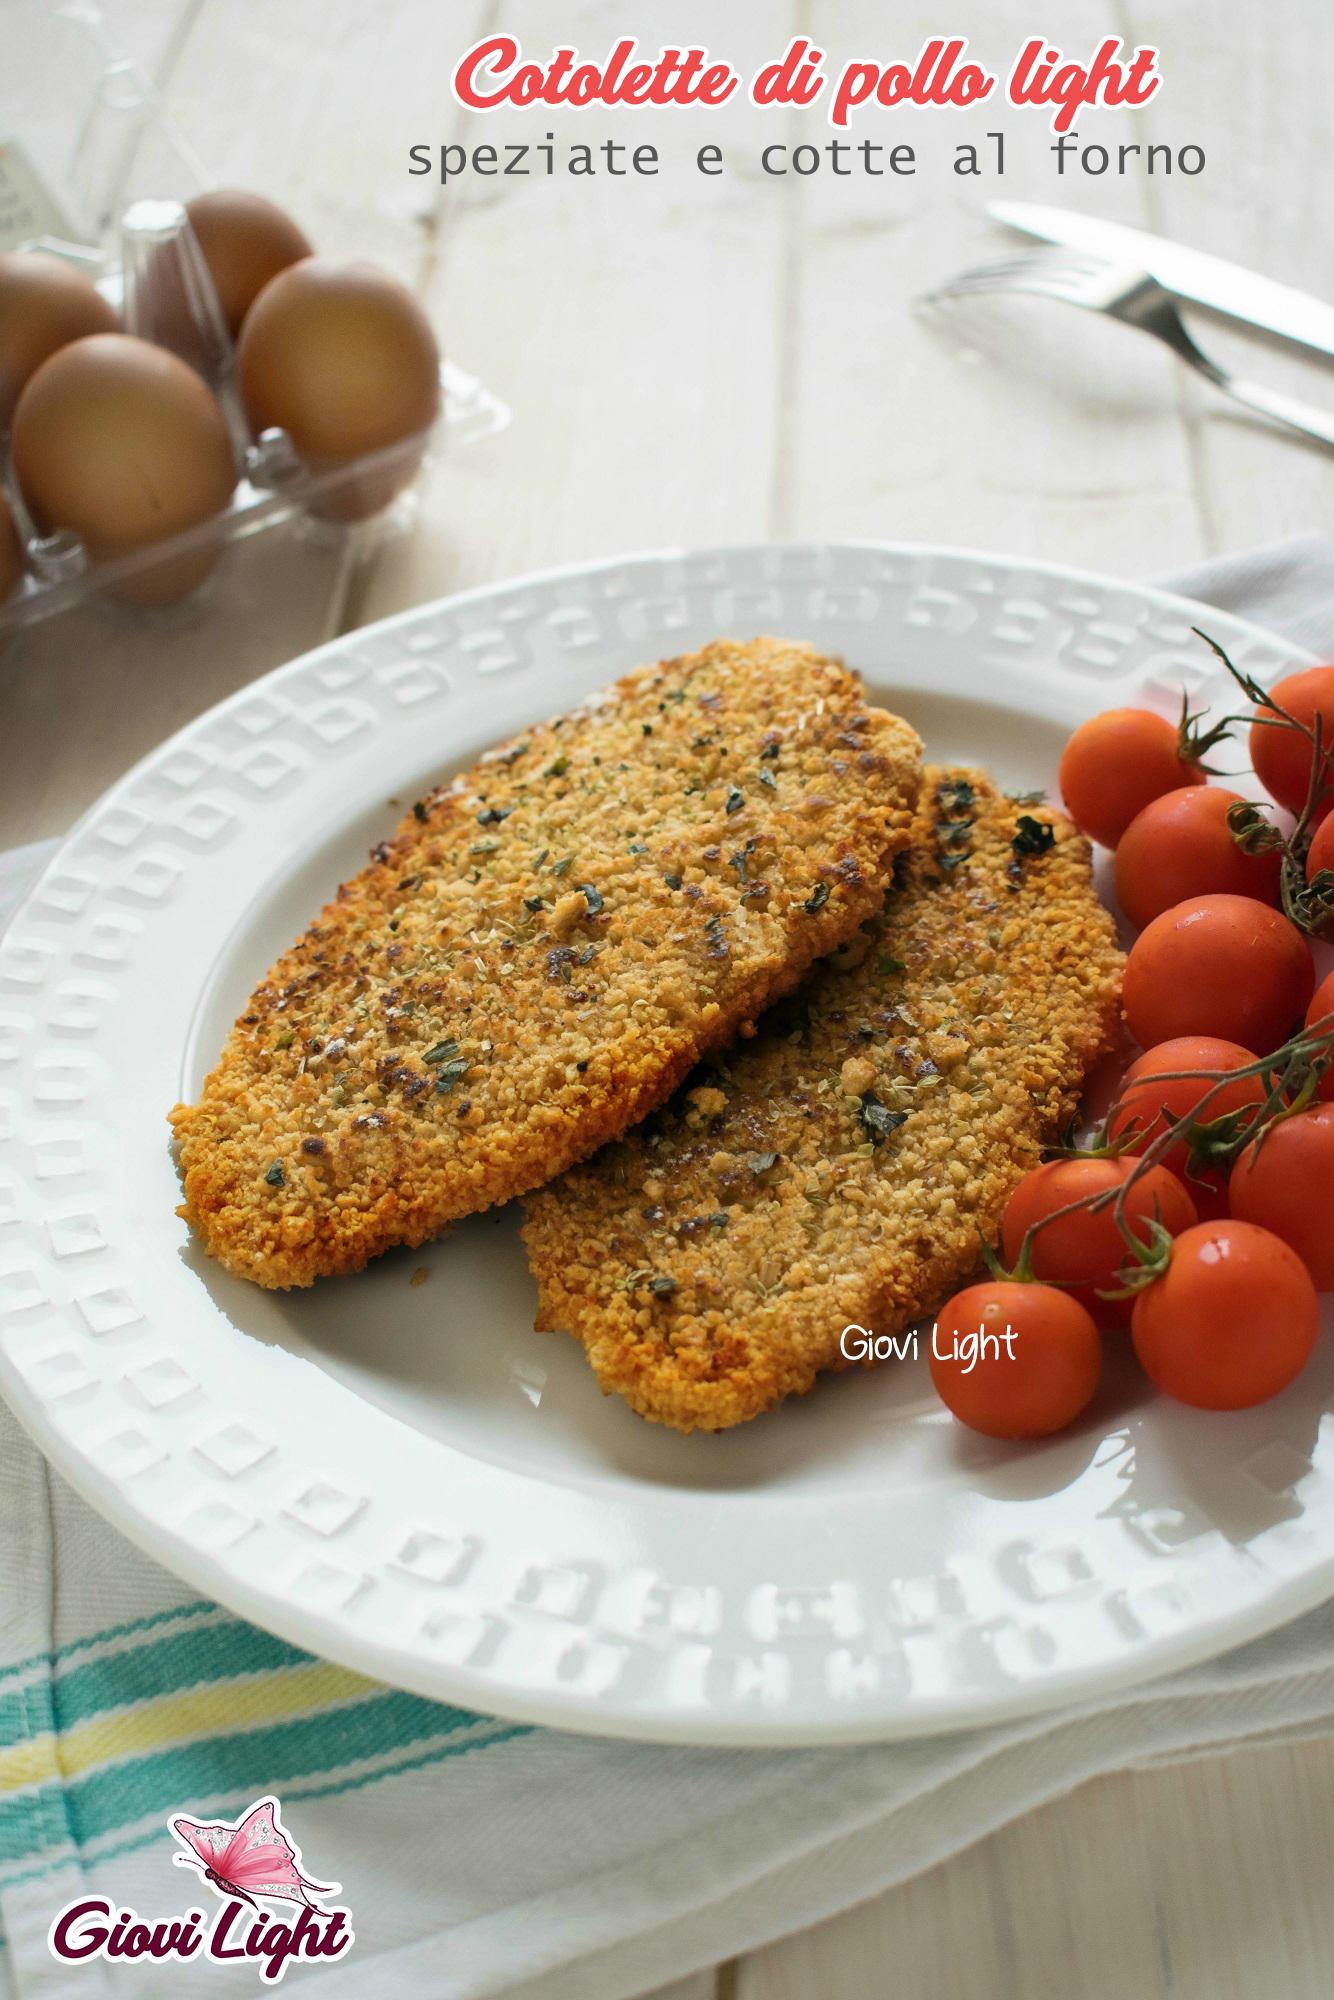 Cotolette di pollo light, speziate e cotte al forno